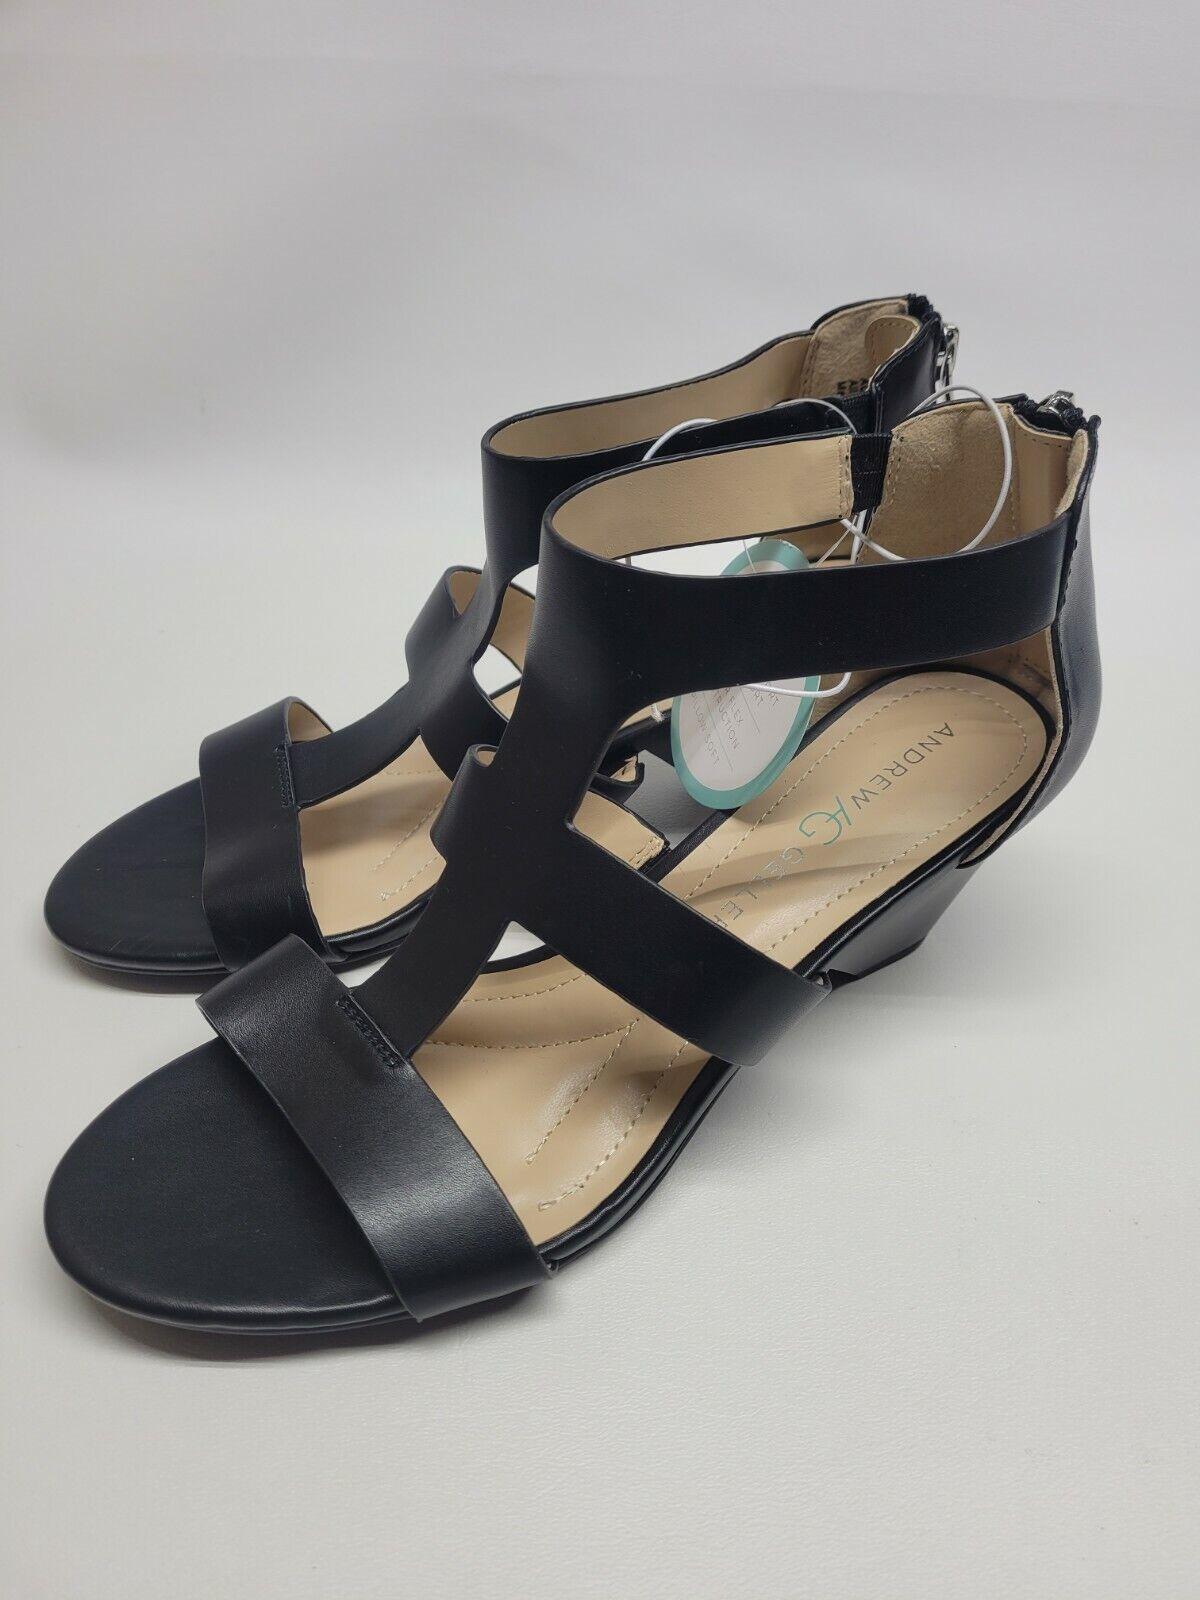 Andrew Geller Heels 9M Dagny black Shoes Women's Work Casual